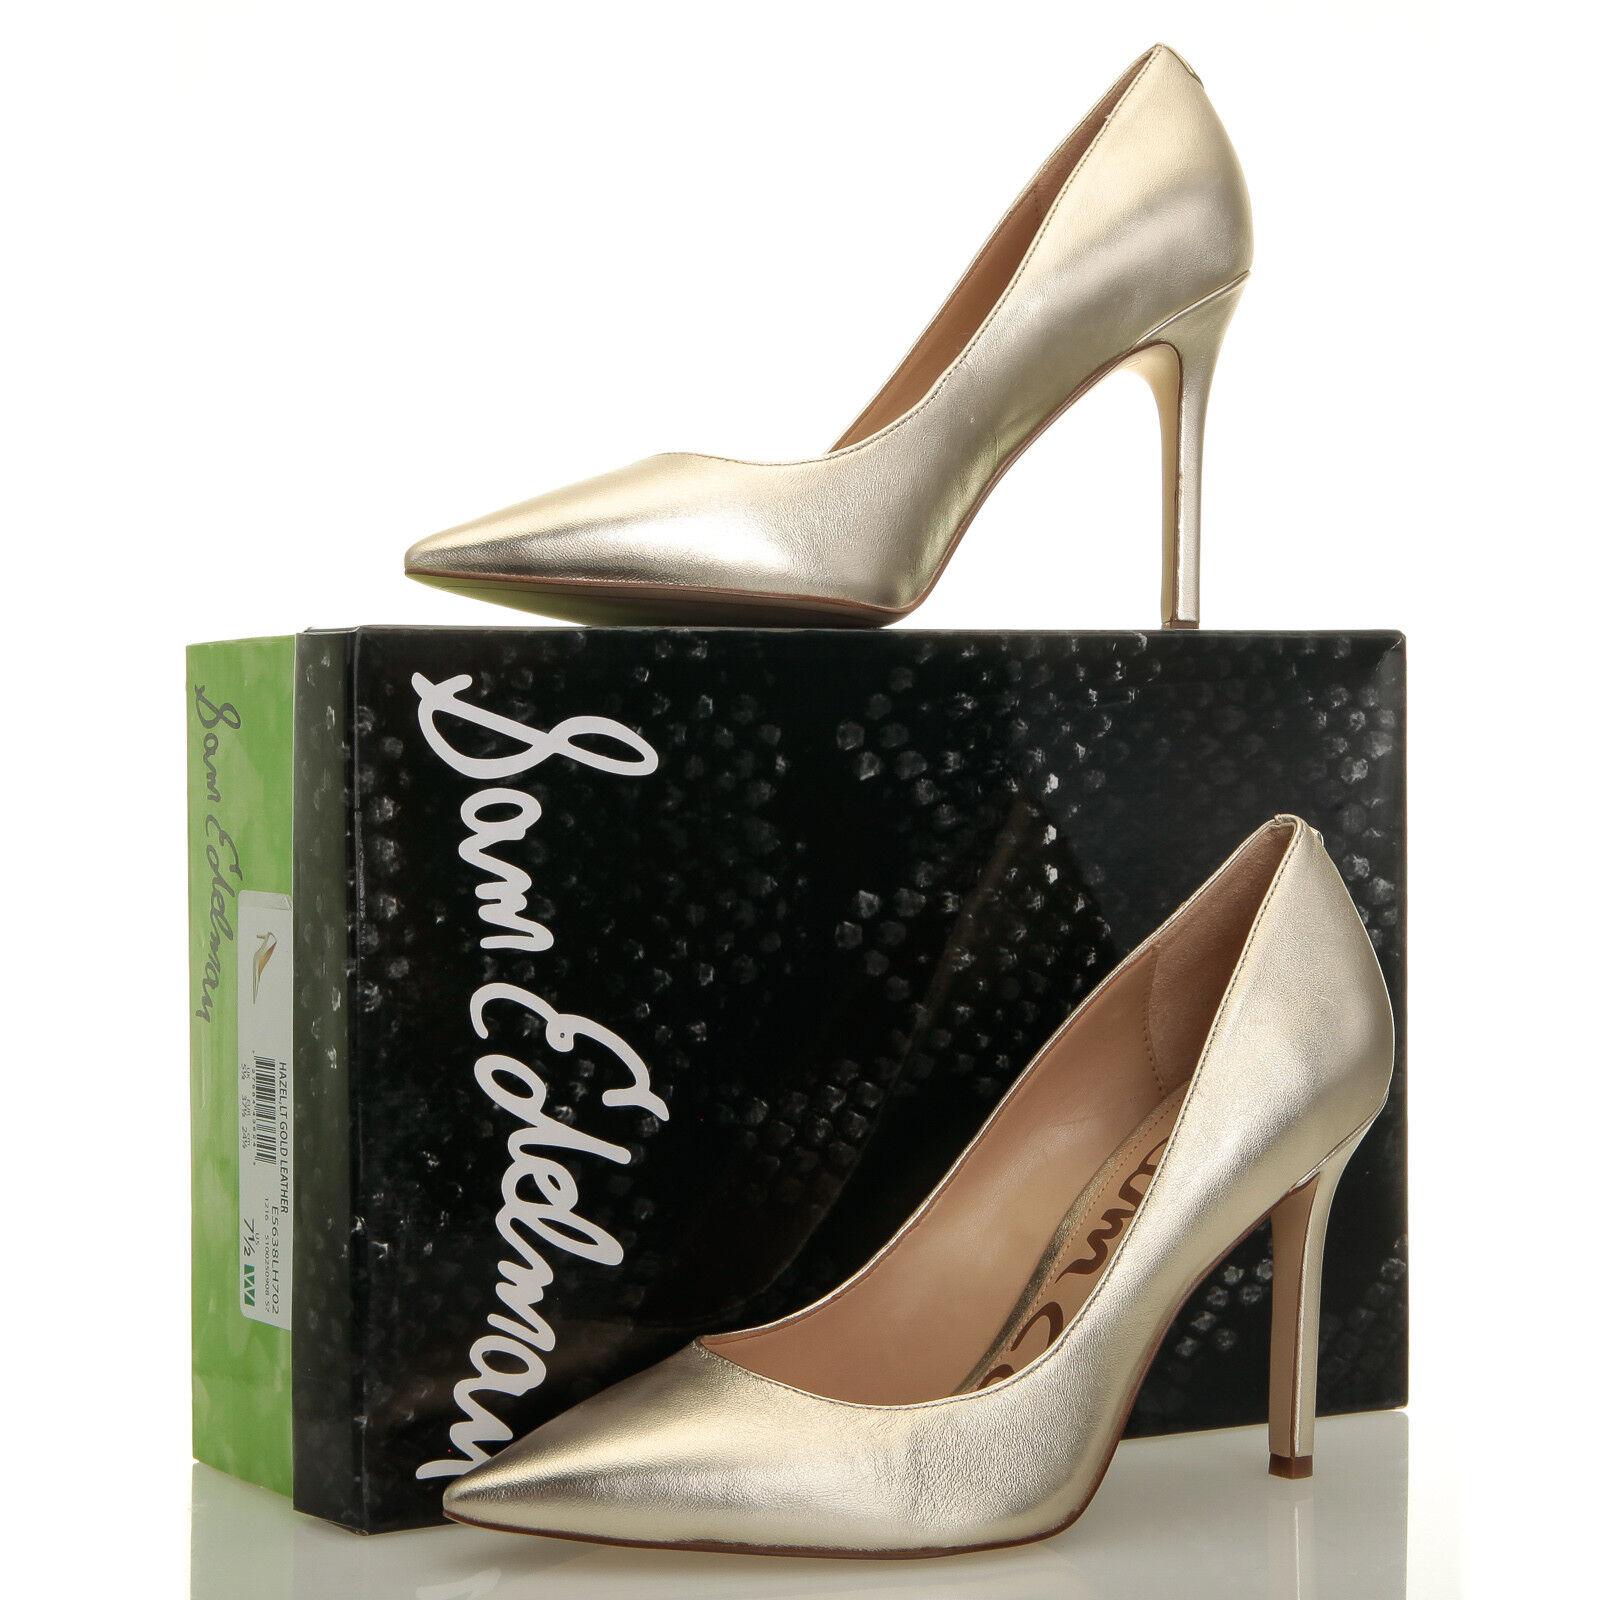 Sam Edelman Hazel Gold Pointed Toe High Heels - Größe 7.5 W